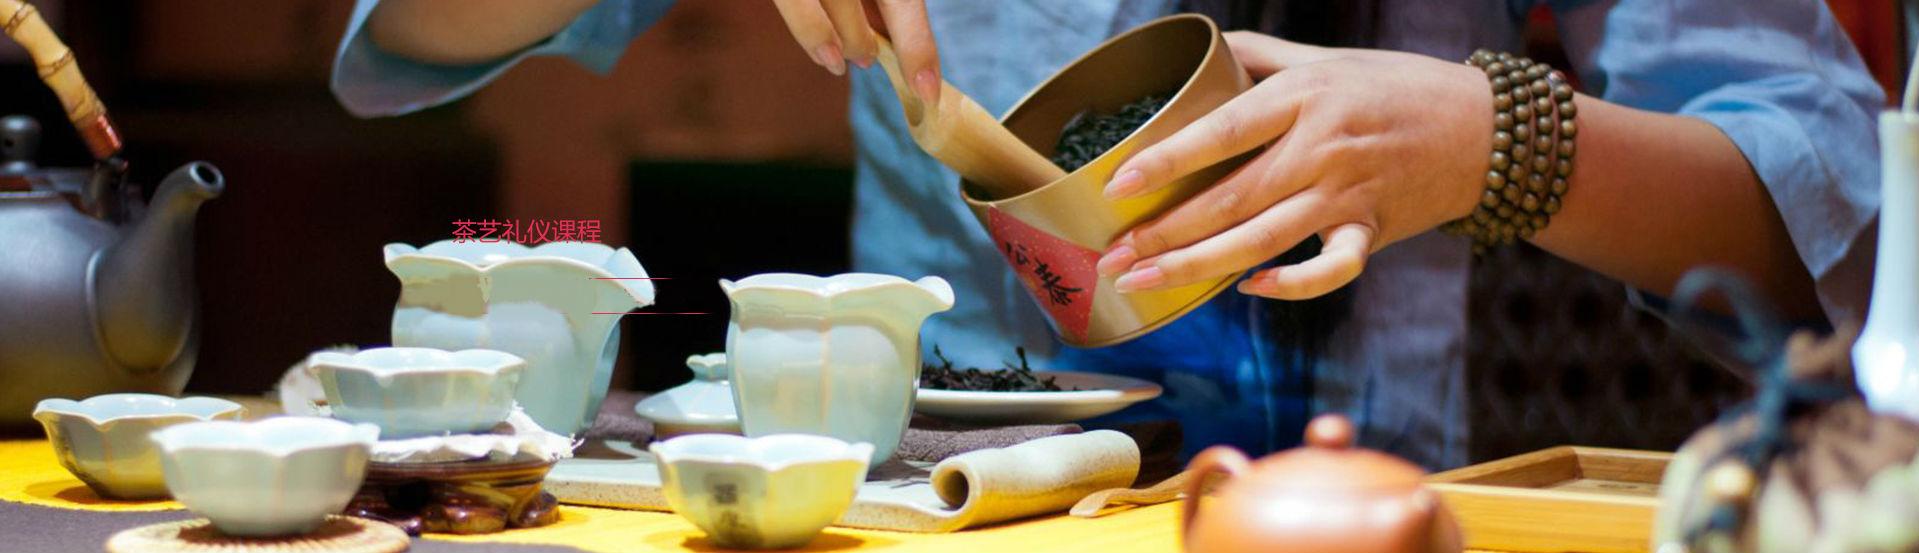 宁波茶艺培训